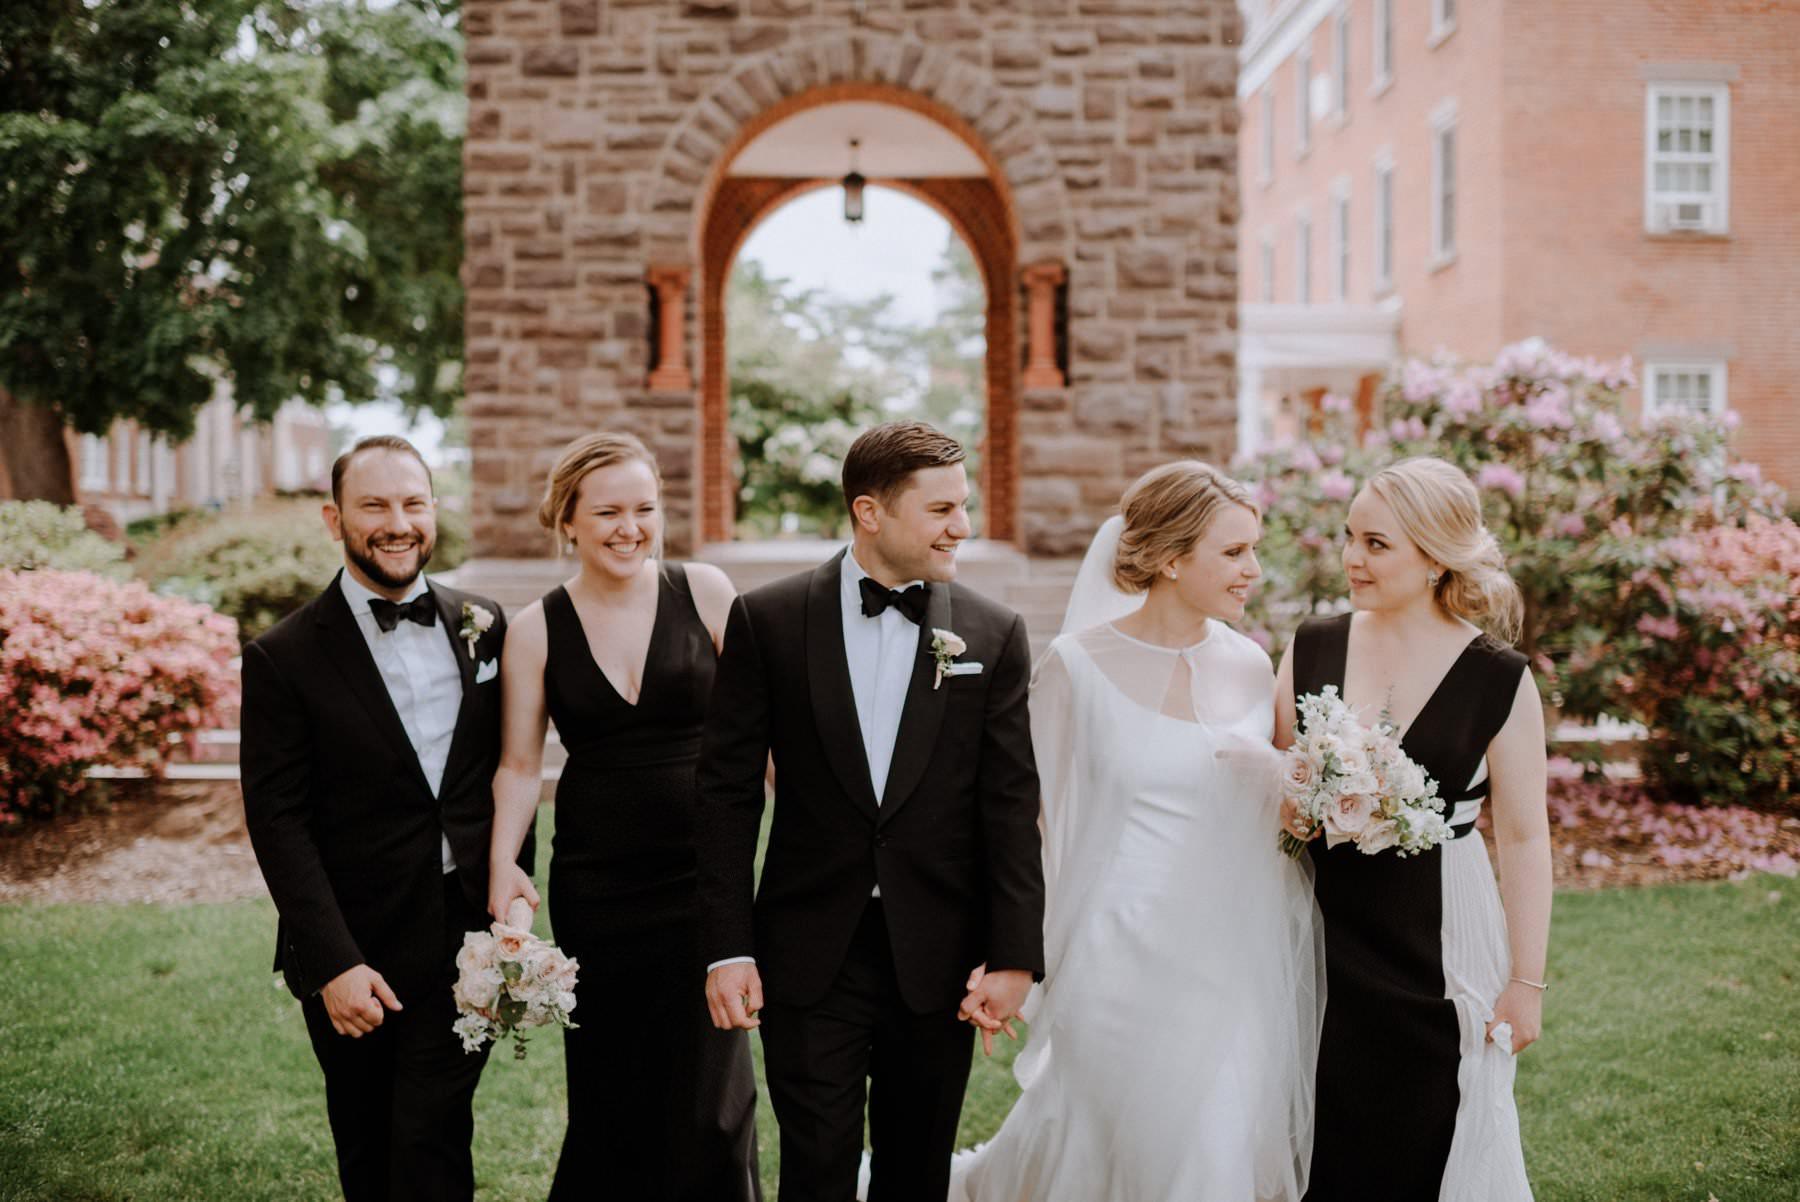 westmoreland_club_Wilkes_Berre_wedding-22.jpg